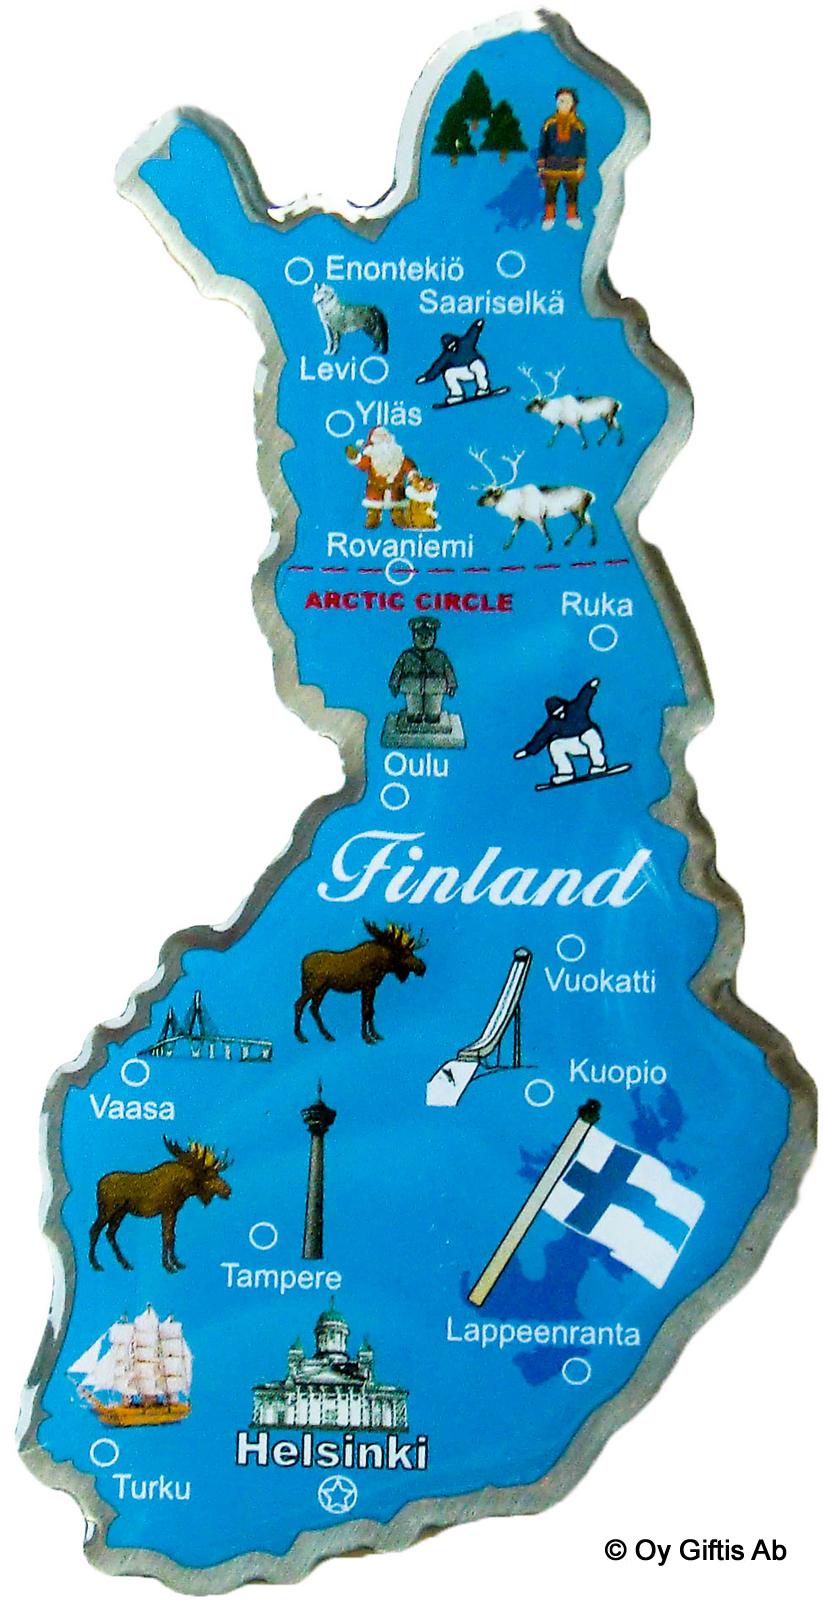 201 Suomen Kartta Metallimagneetti Sininen Oy Giftis Ab